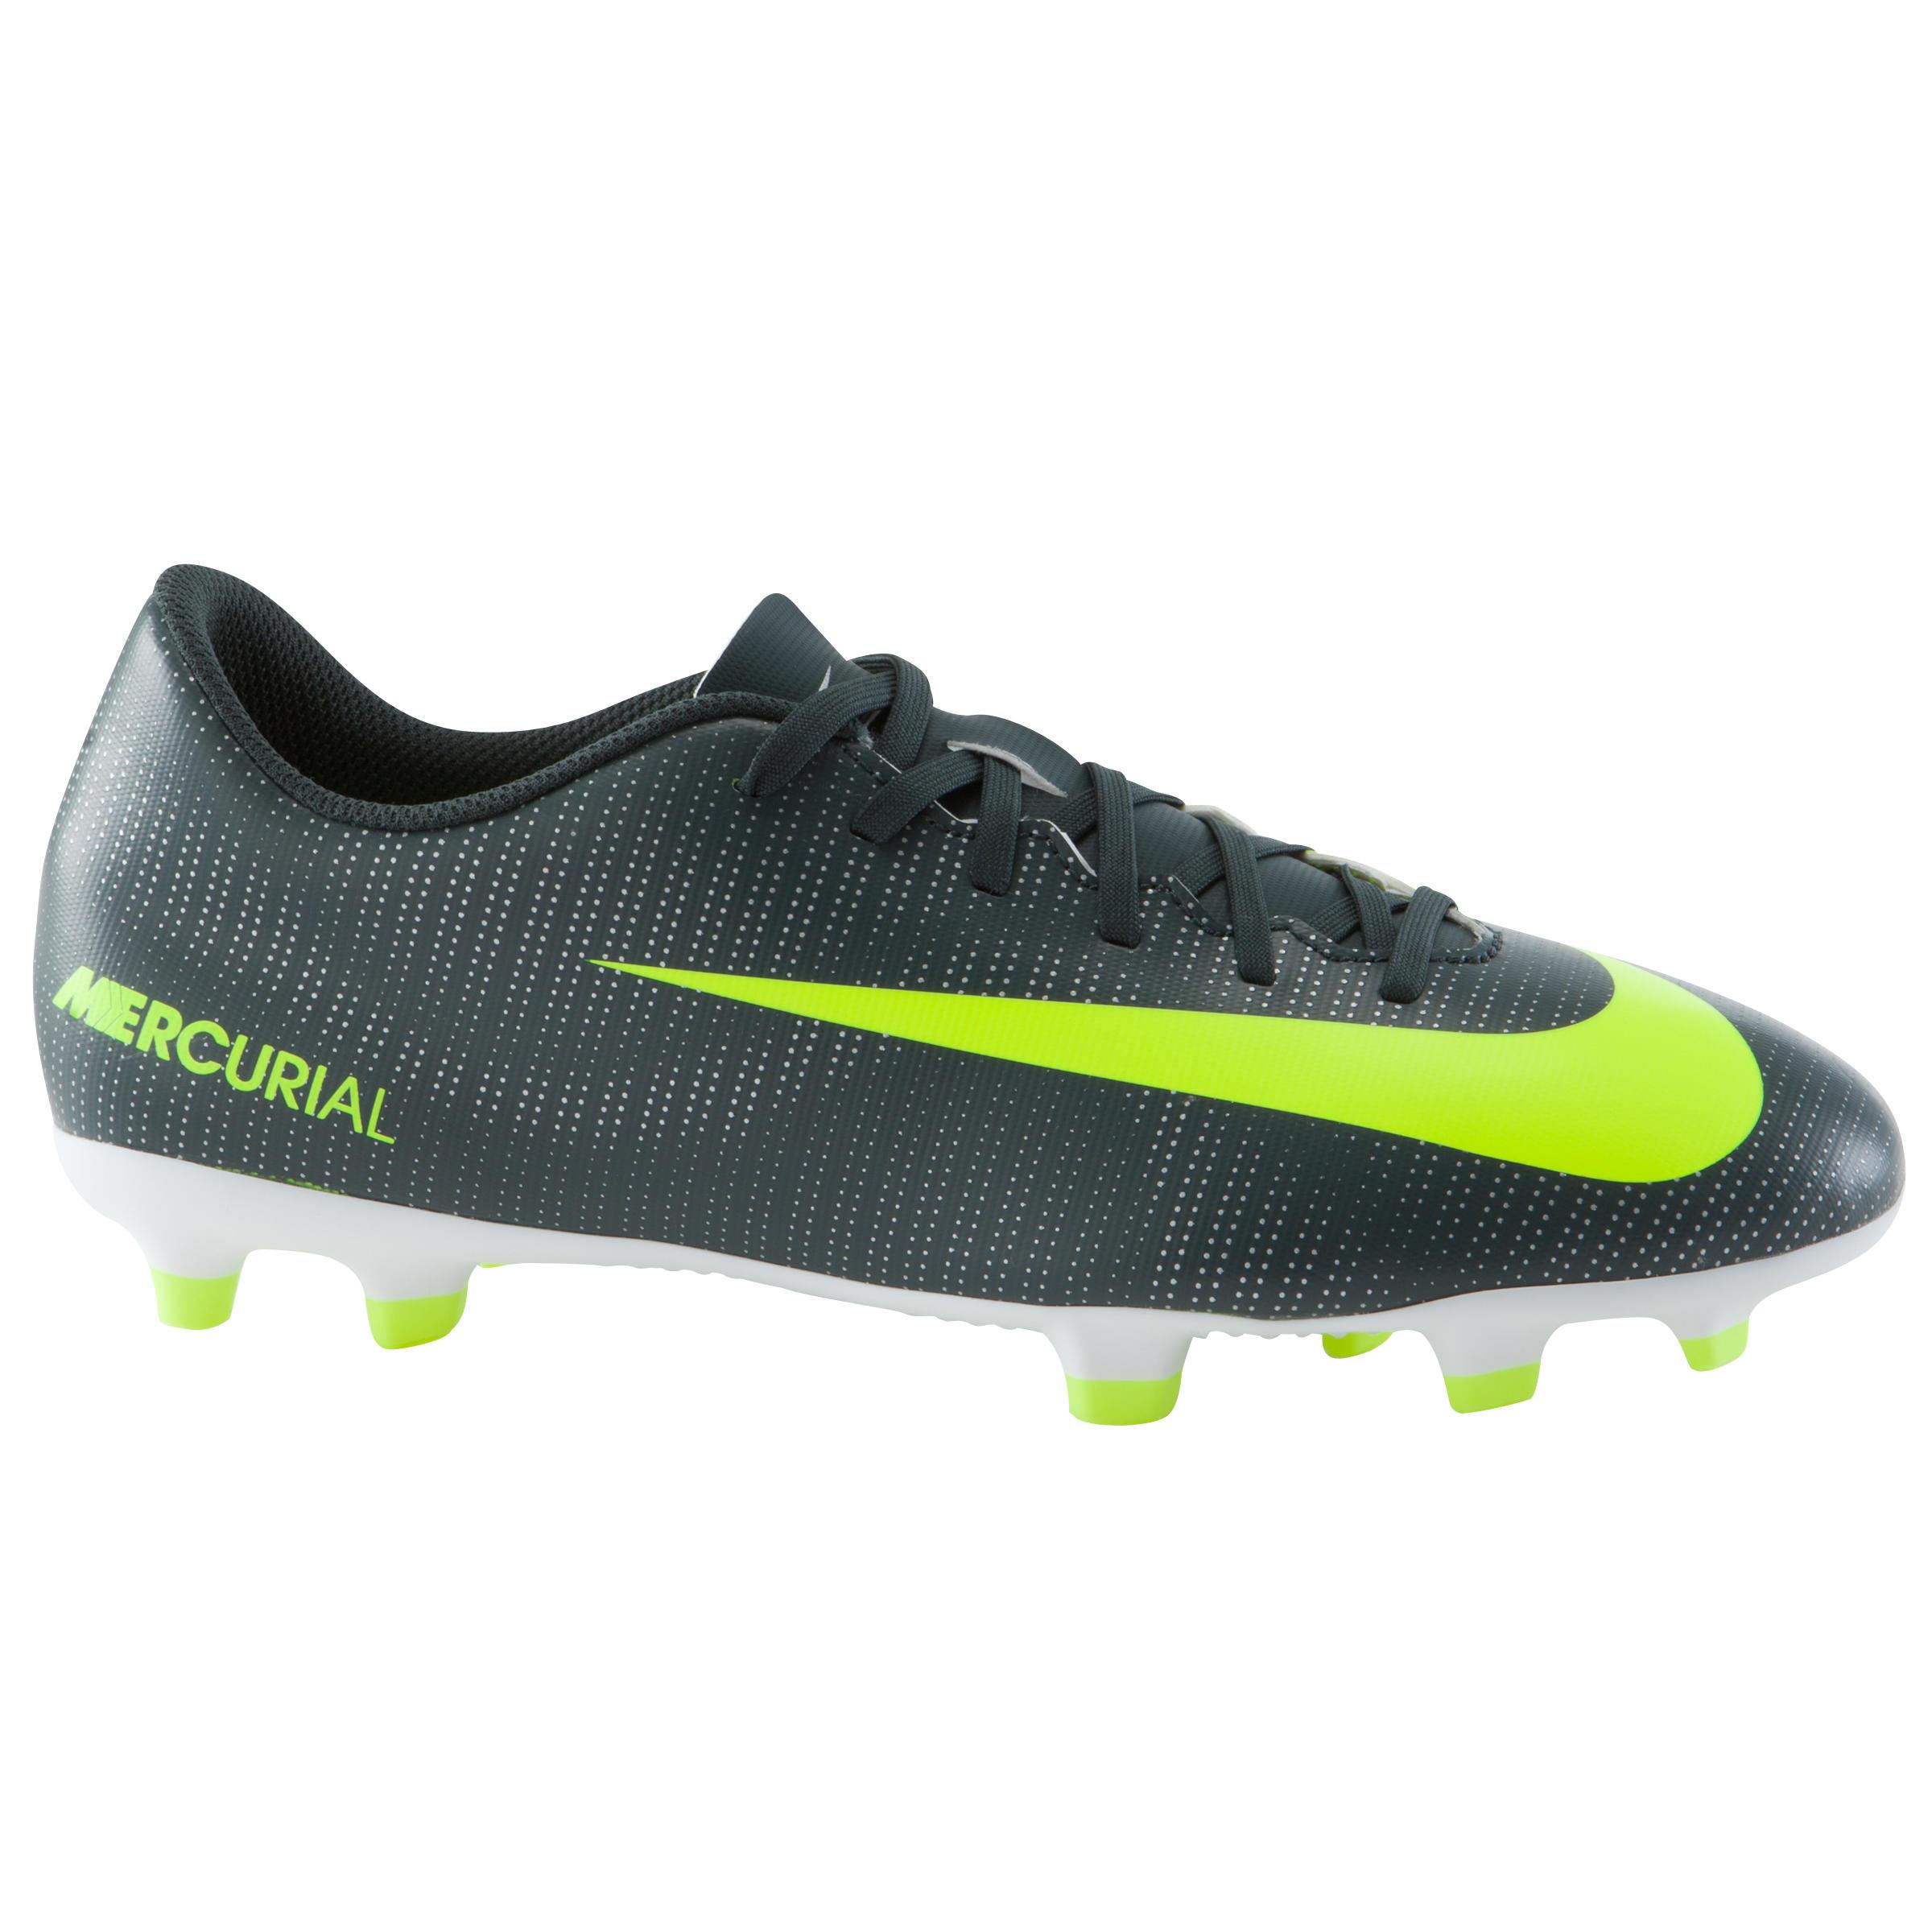 Nike Voetbalschoenen Mercurial CR7 Vortex FG voor volwassenen zwart